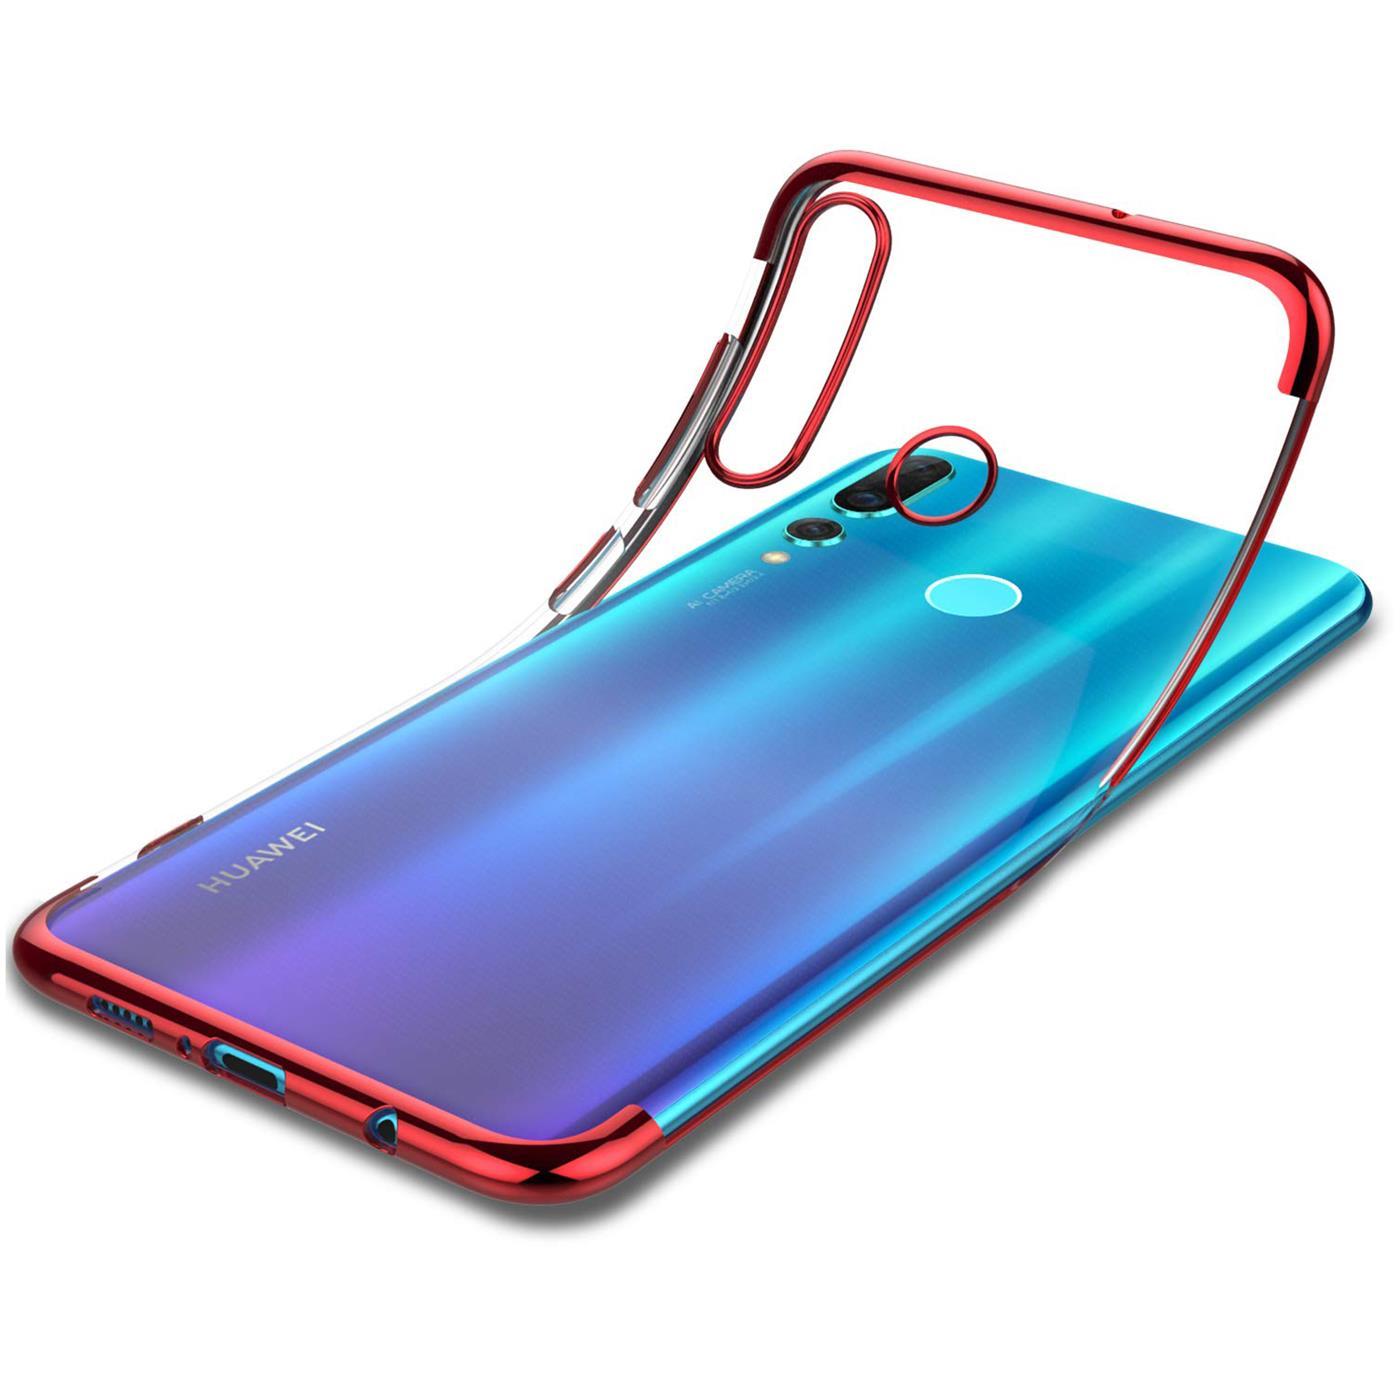 Schutzhuelle-Huawei-P30-P30-Lite-P30-Pro-Handy-Tasche-Slim-Cover-Case-Transparent Indexbild 34